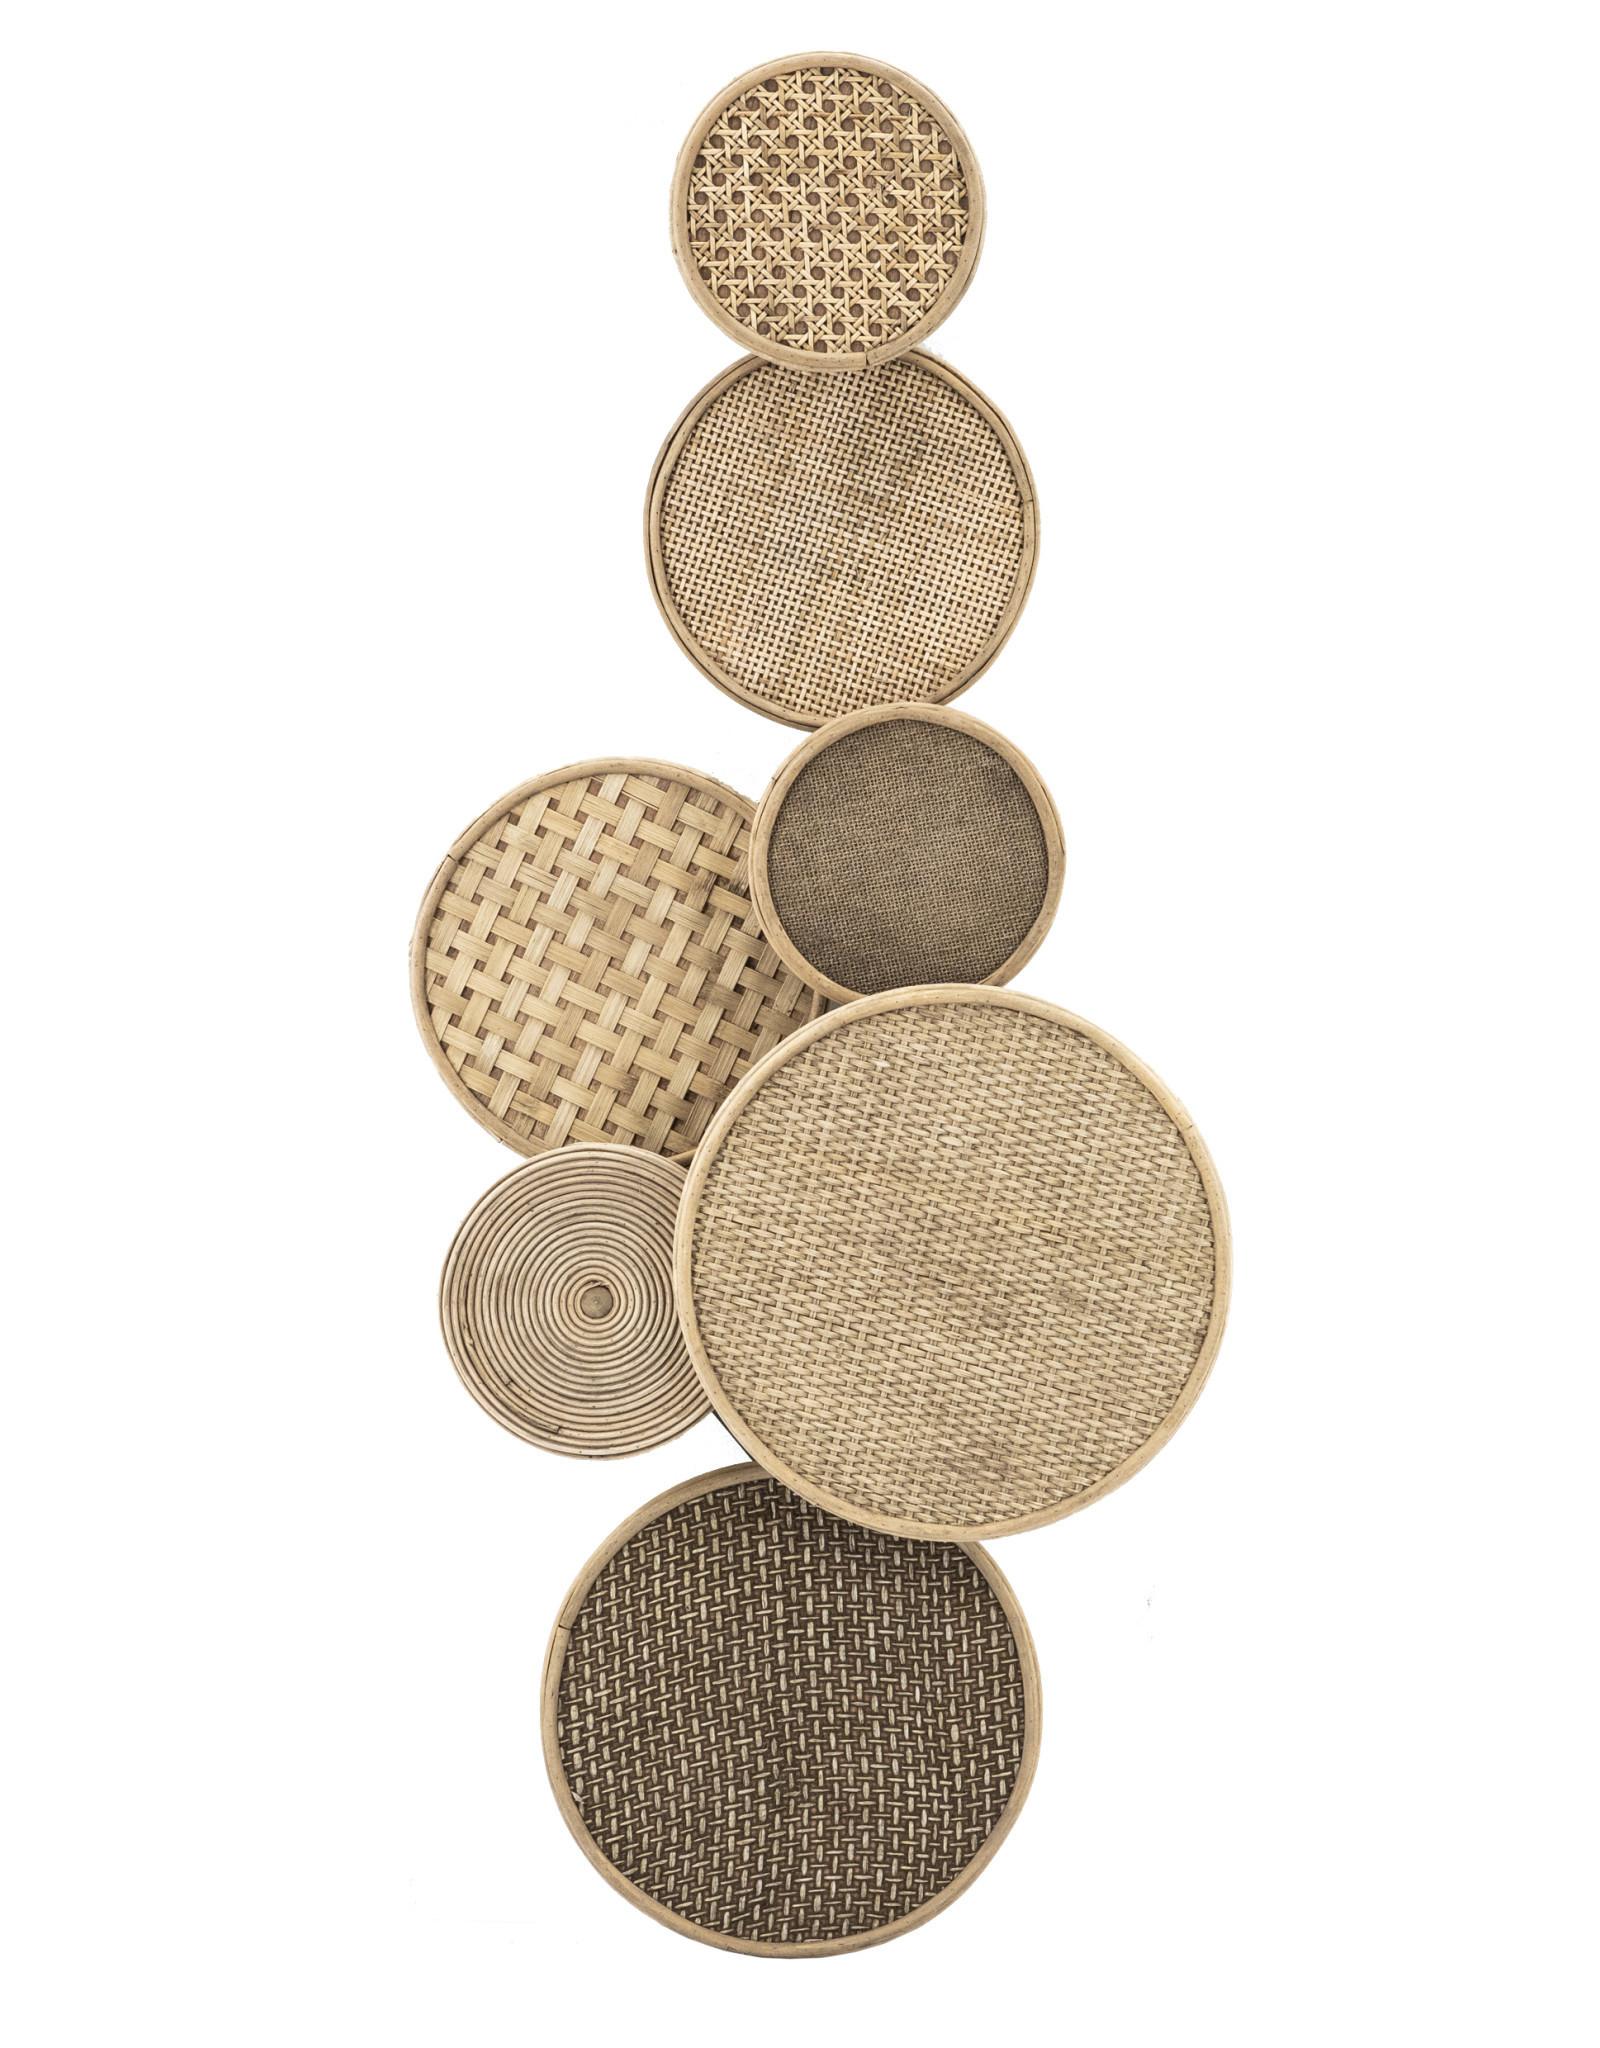 Wanddeco bamboo/webbing circles